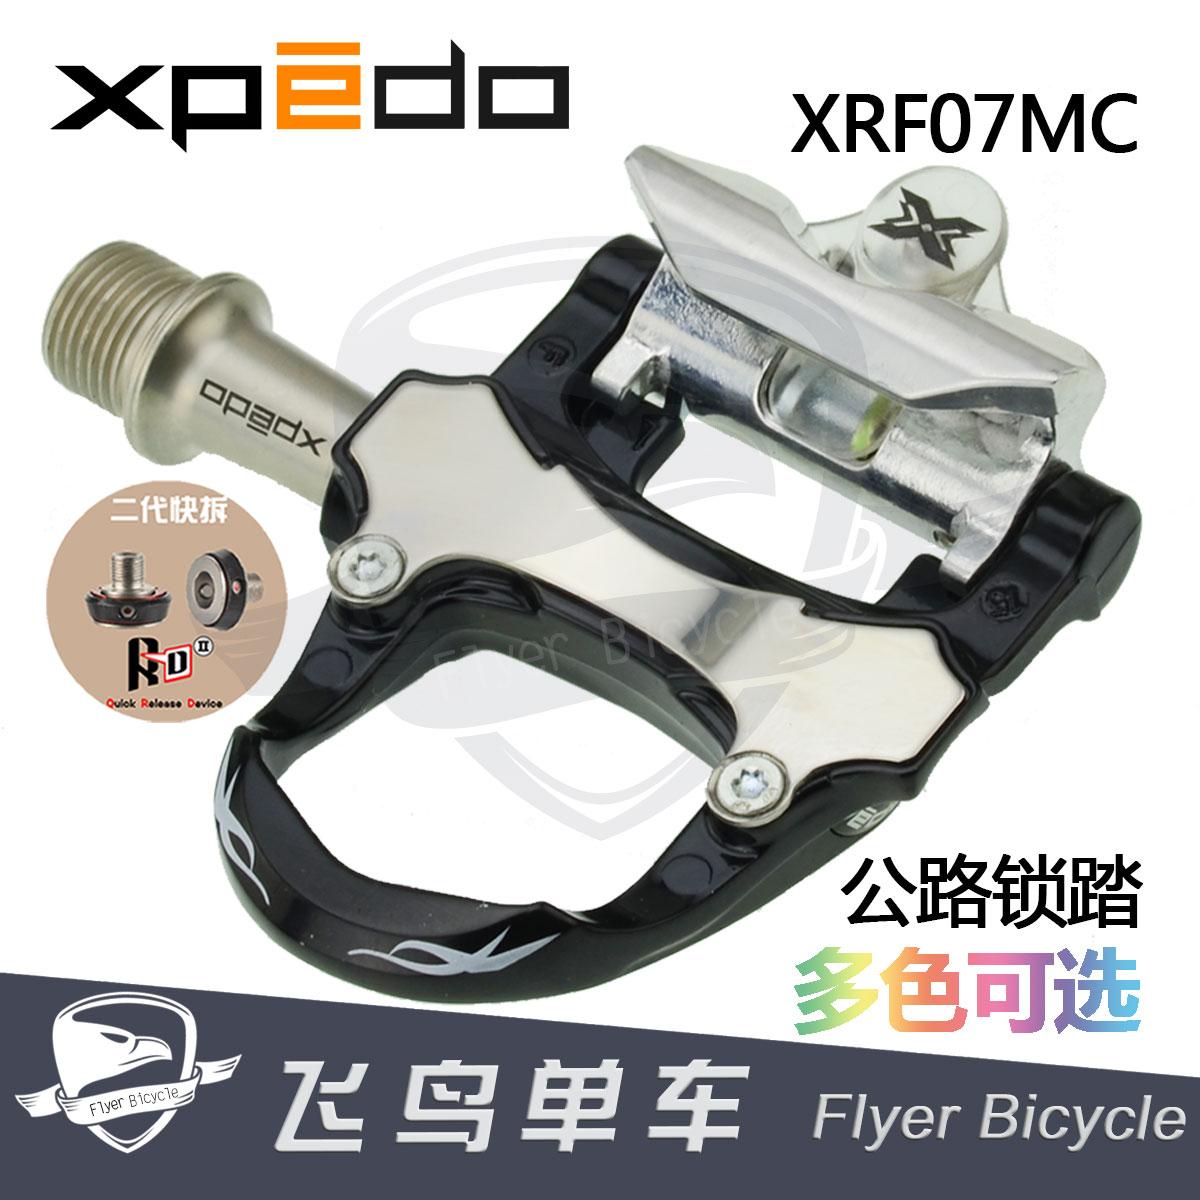 公路自行車鎖踏 WELLGO維格XPEDO XRF07MC 鎂合金腳踏 R550 5800